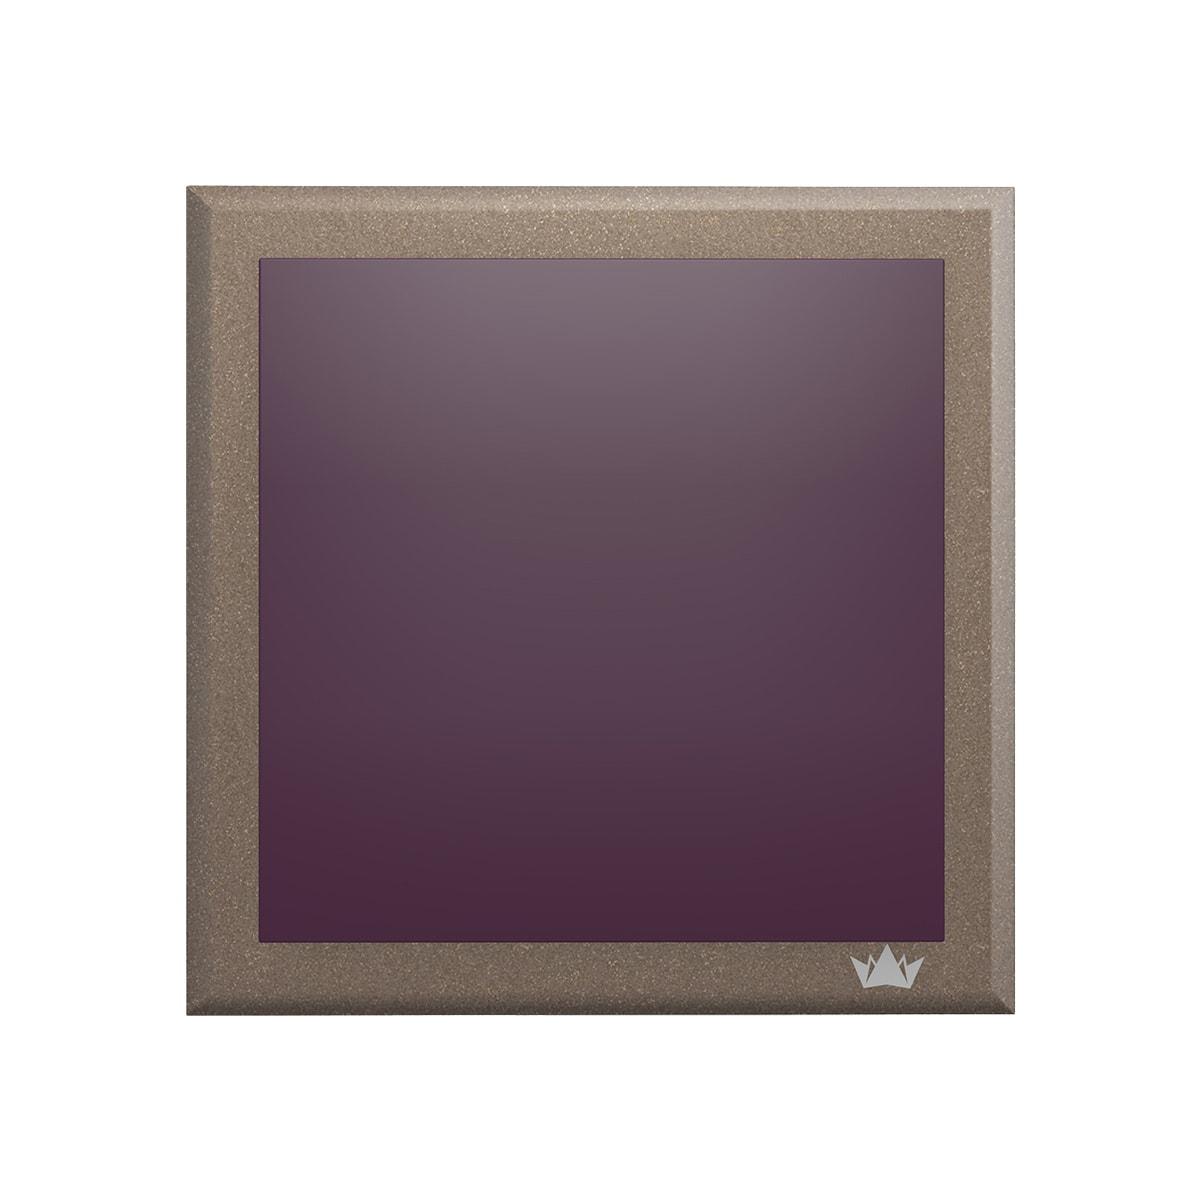 Беспроводной дистанционный выключатель Brenin Easy Switch brown